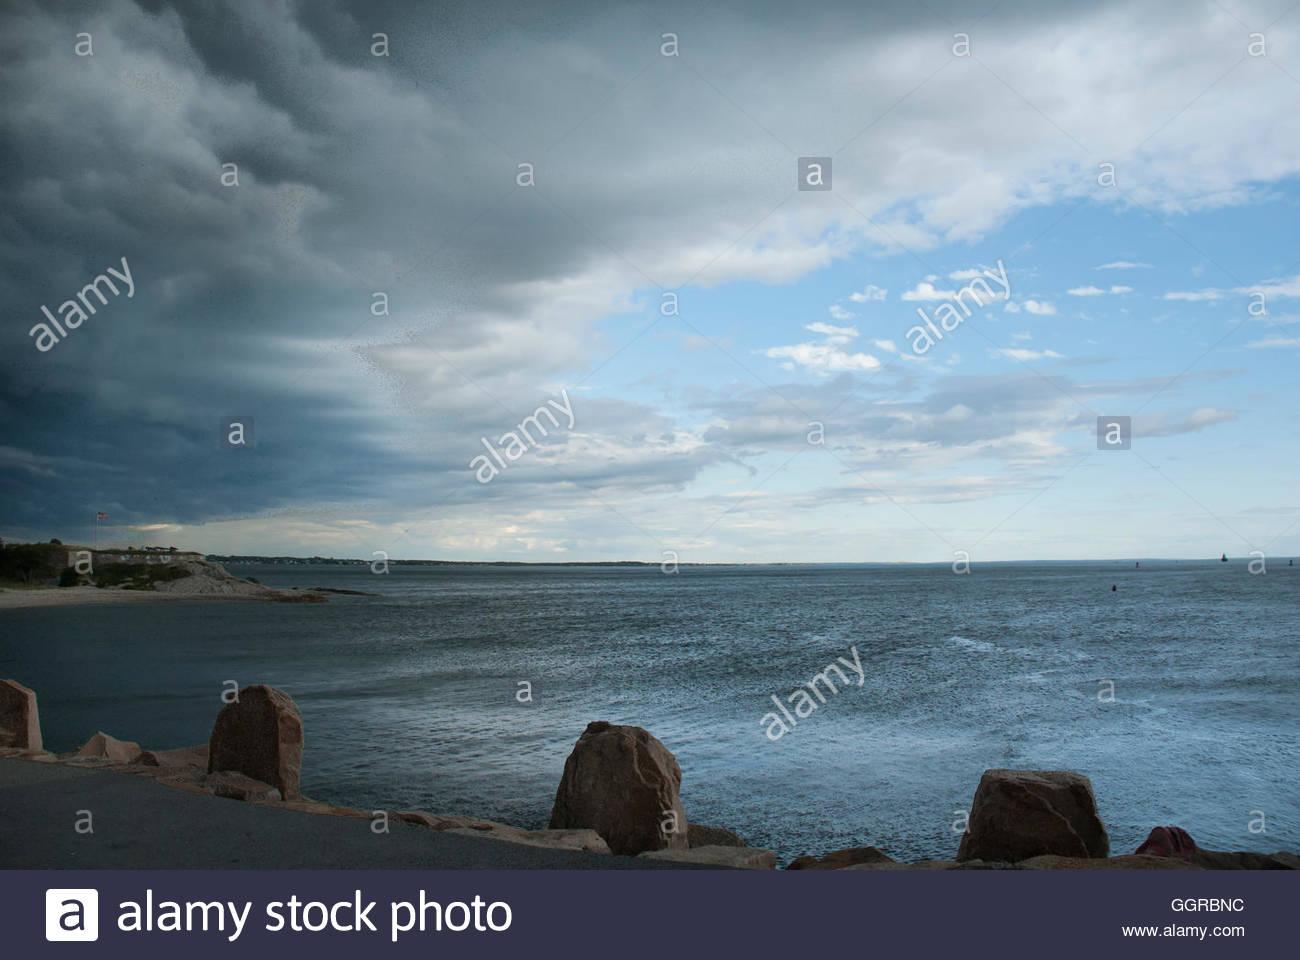 Summer storm passing over Fairhaven, Massachusetts - Stock Image